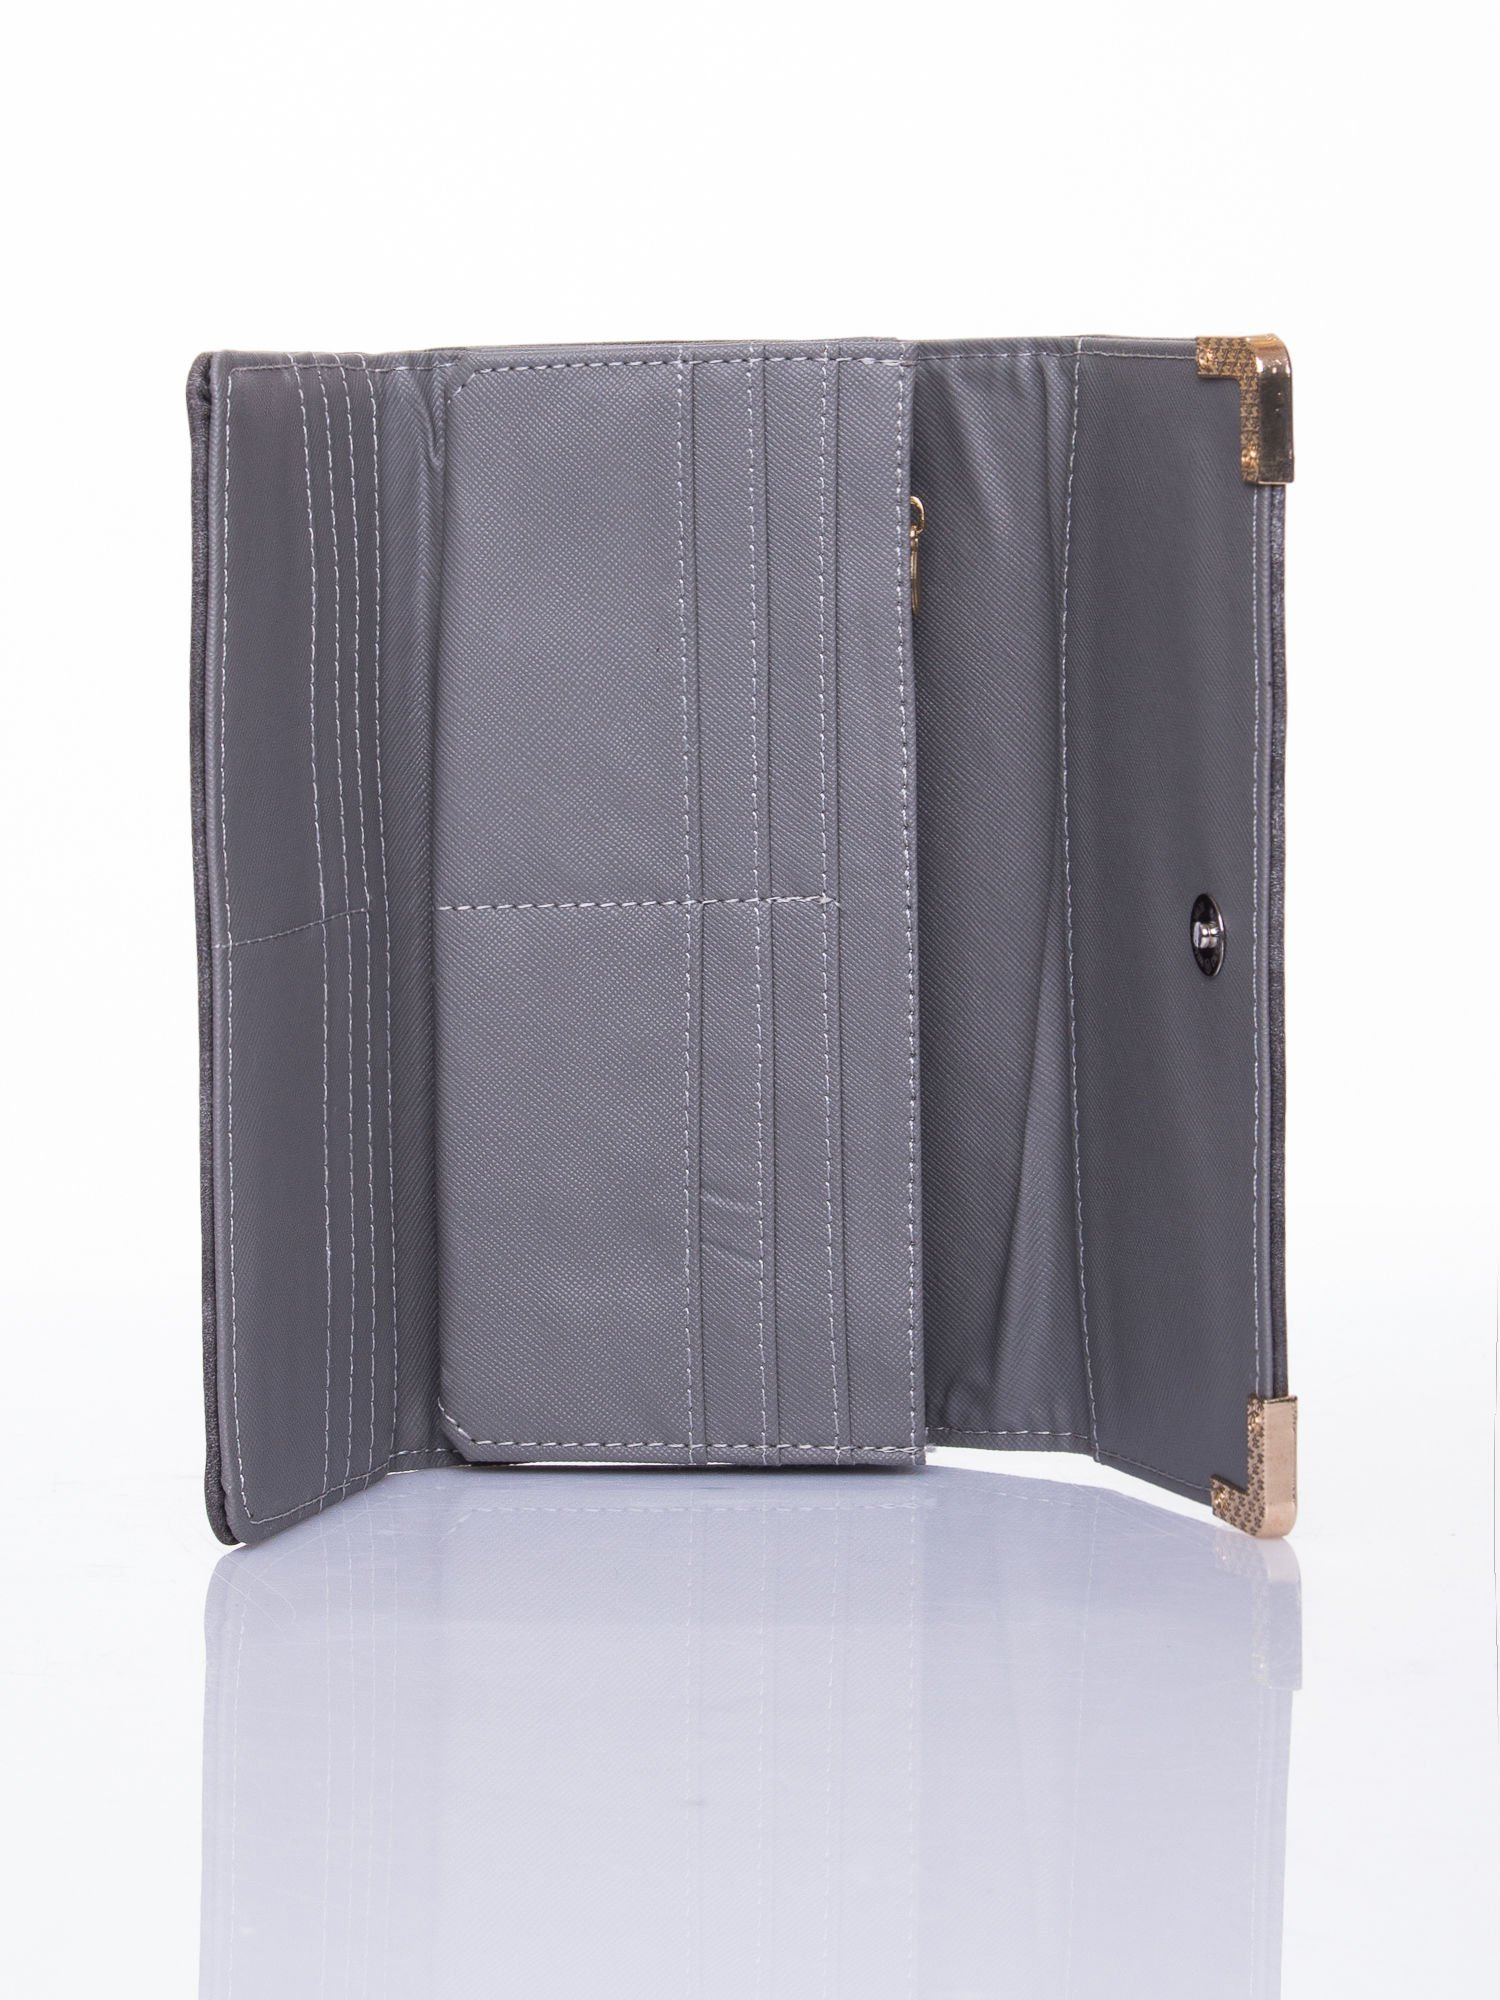 Szary dziurkowany portfel ze złotym wykończeniem                                  zdj.                                  4